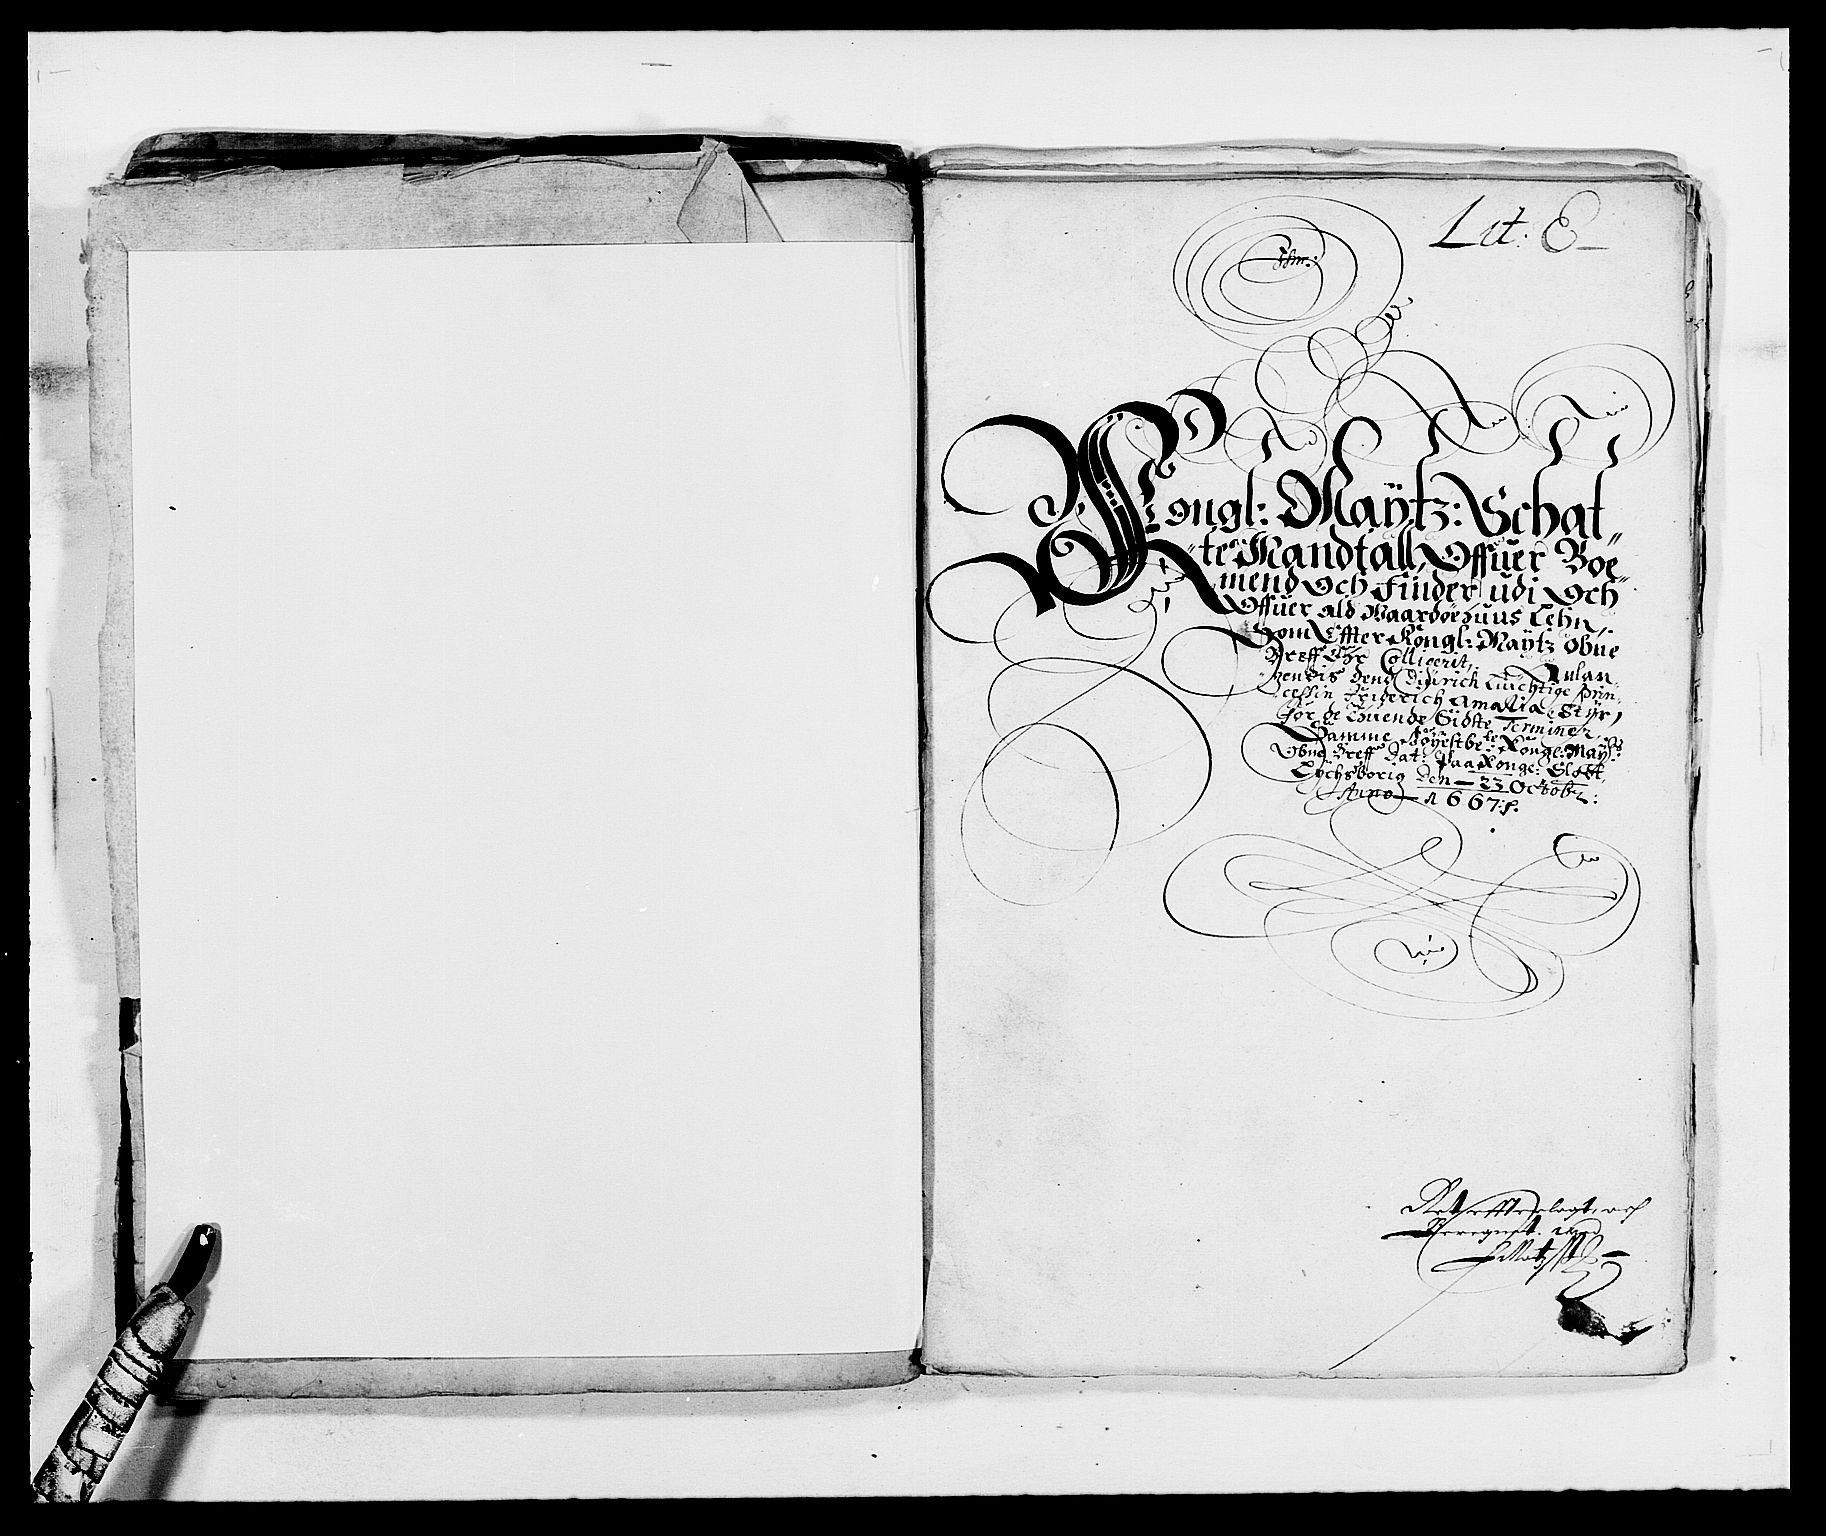 RA, Rentekammeret inntil 1814, Reviderte regnskaper, Fogderegnskap, R69/L4849: Fogderegnskap Finnmark/Vardøhus, 1661-1679, s. 179